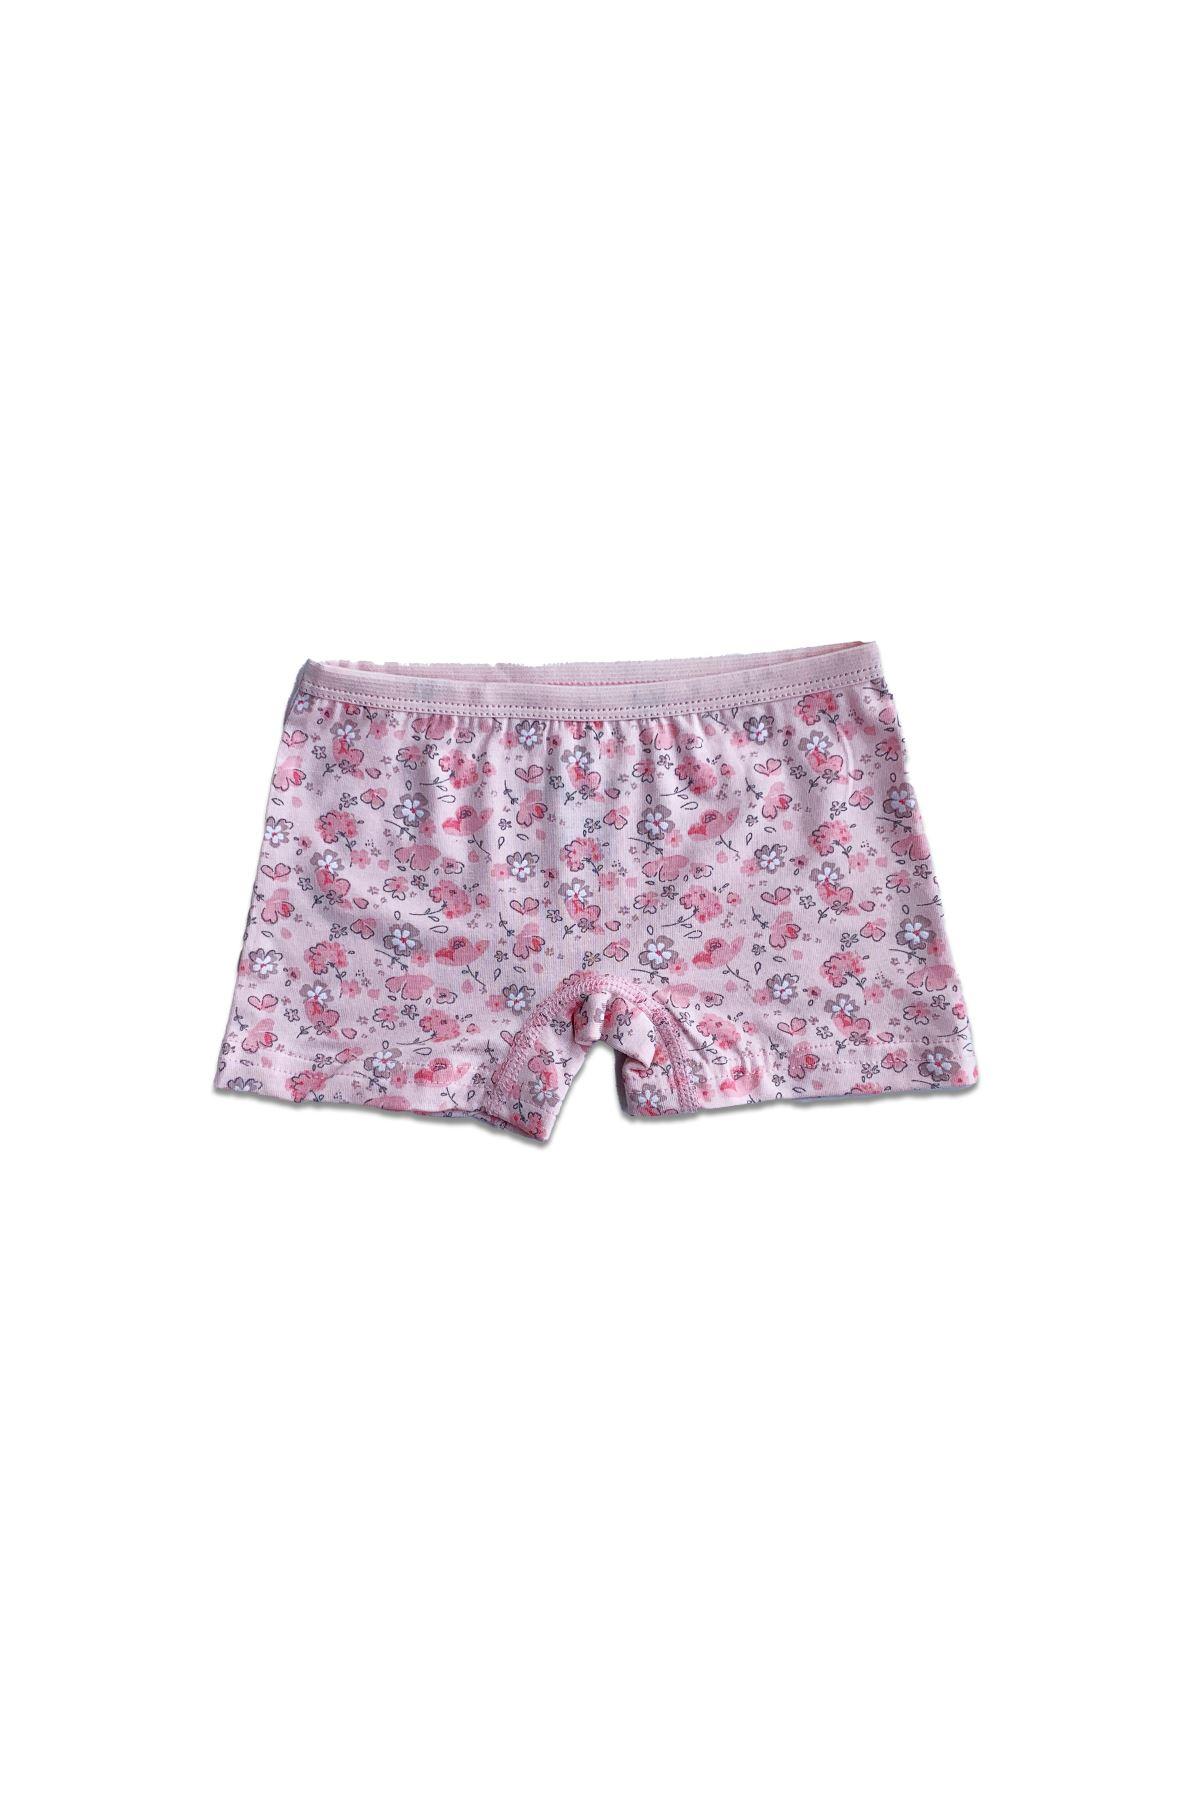 Pembe Kız Çocuk Boxer 6 lı Paket Desenli Likralı Modal Şort Boxer 333-E